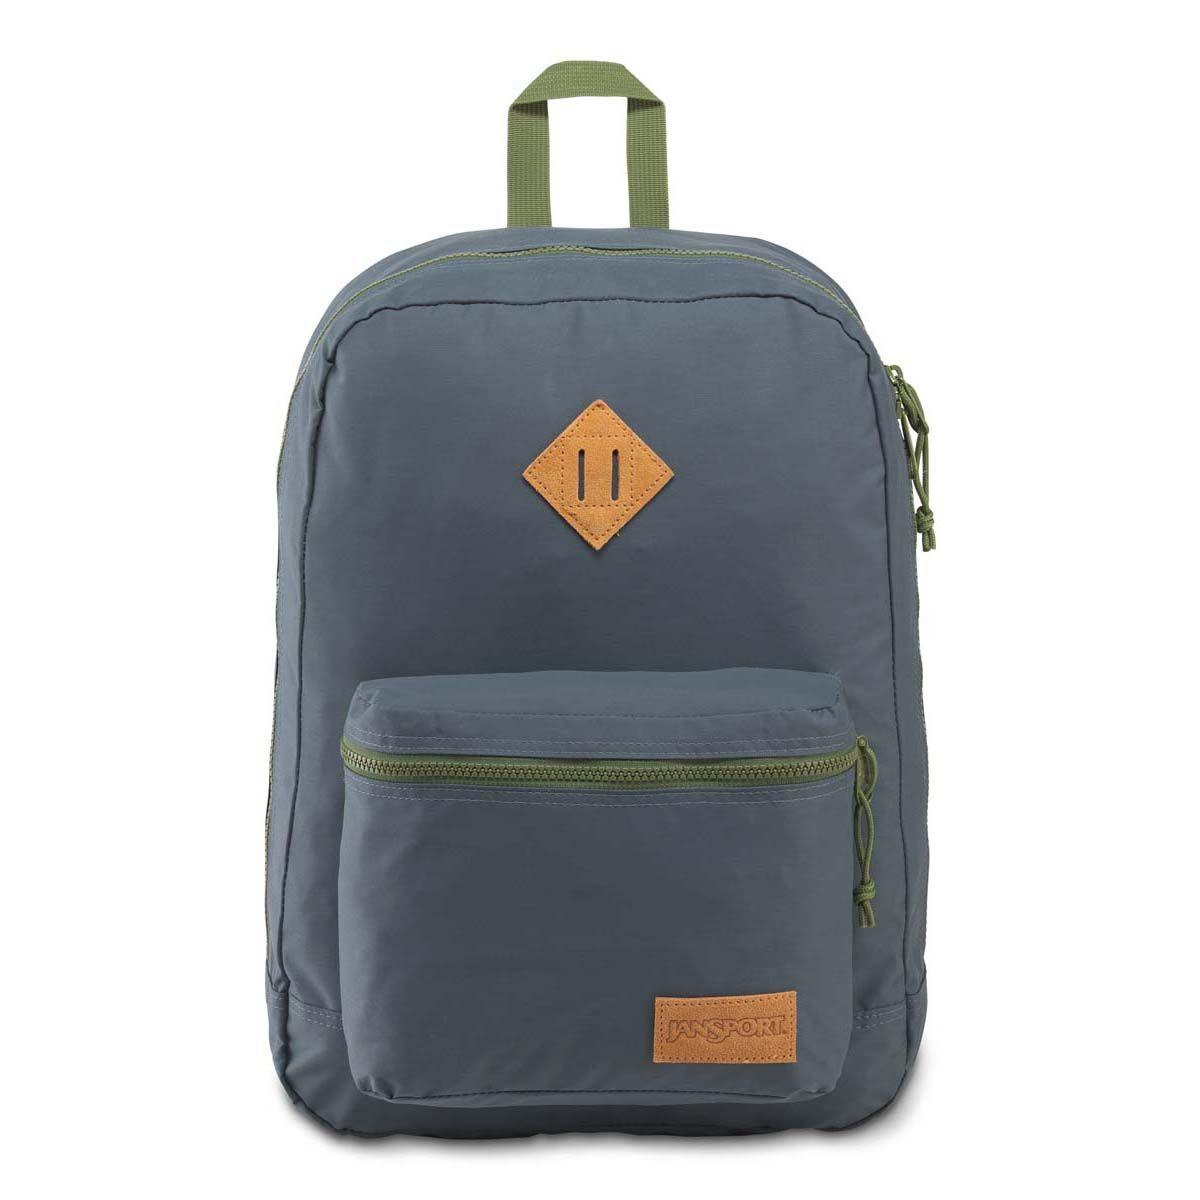 JanSport Super Lite Backpack in Dark Slate Grey/New Olive Green